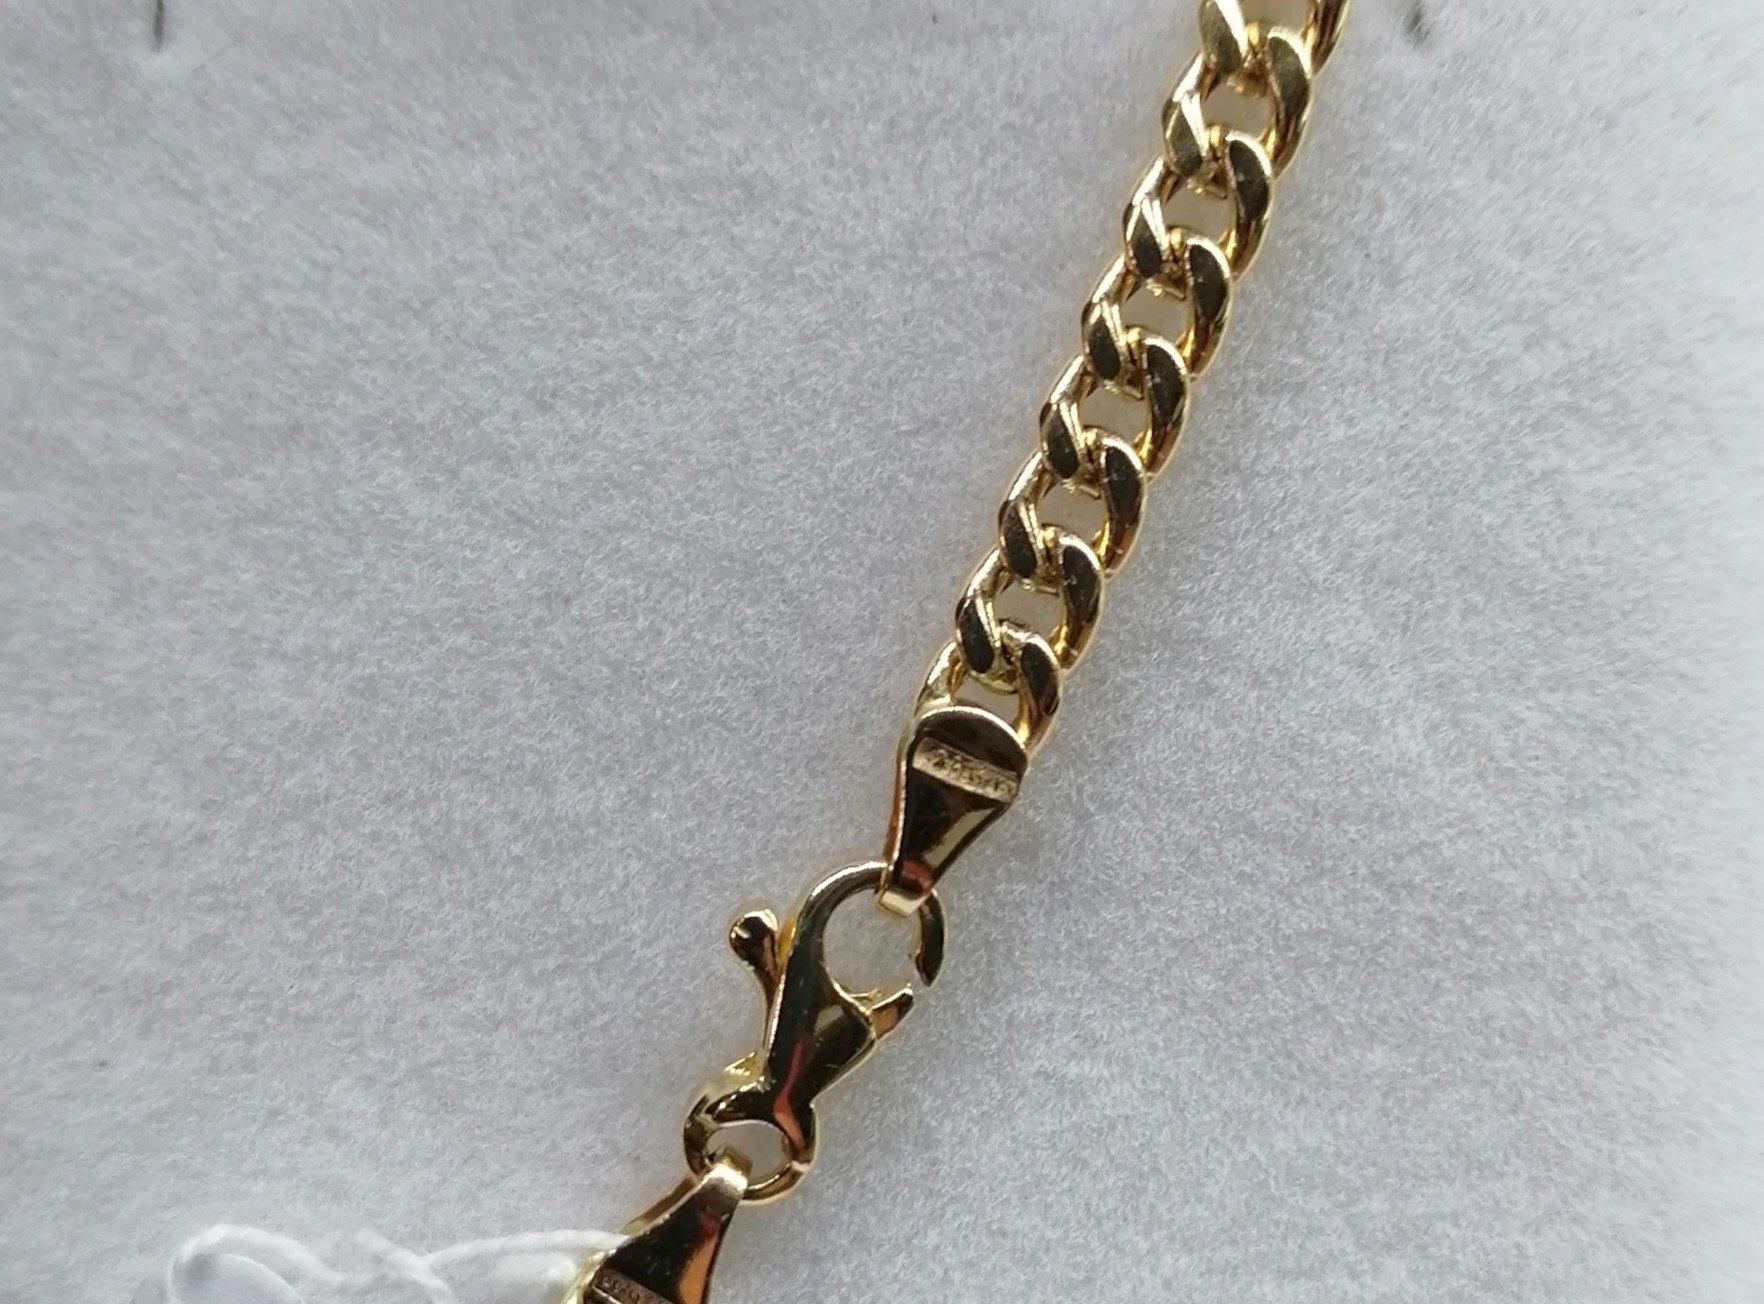 Broche de esta cadena de oro barbada semi hueca